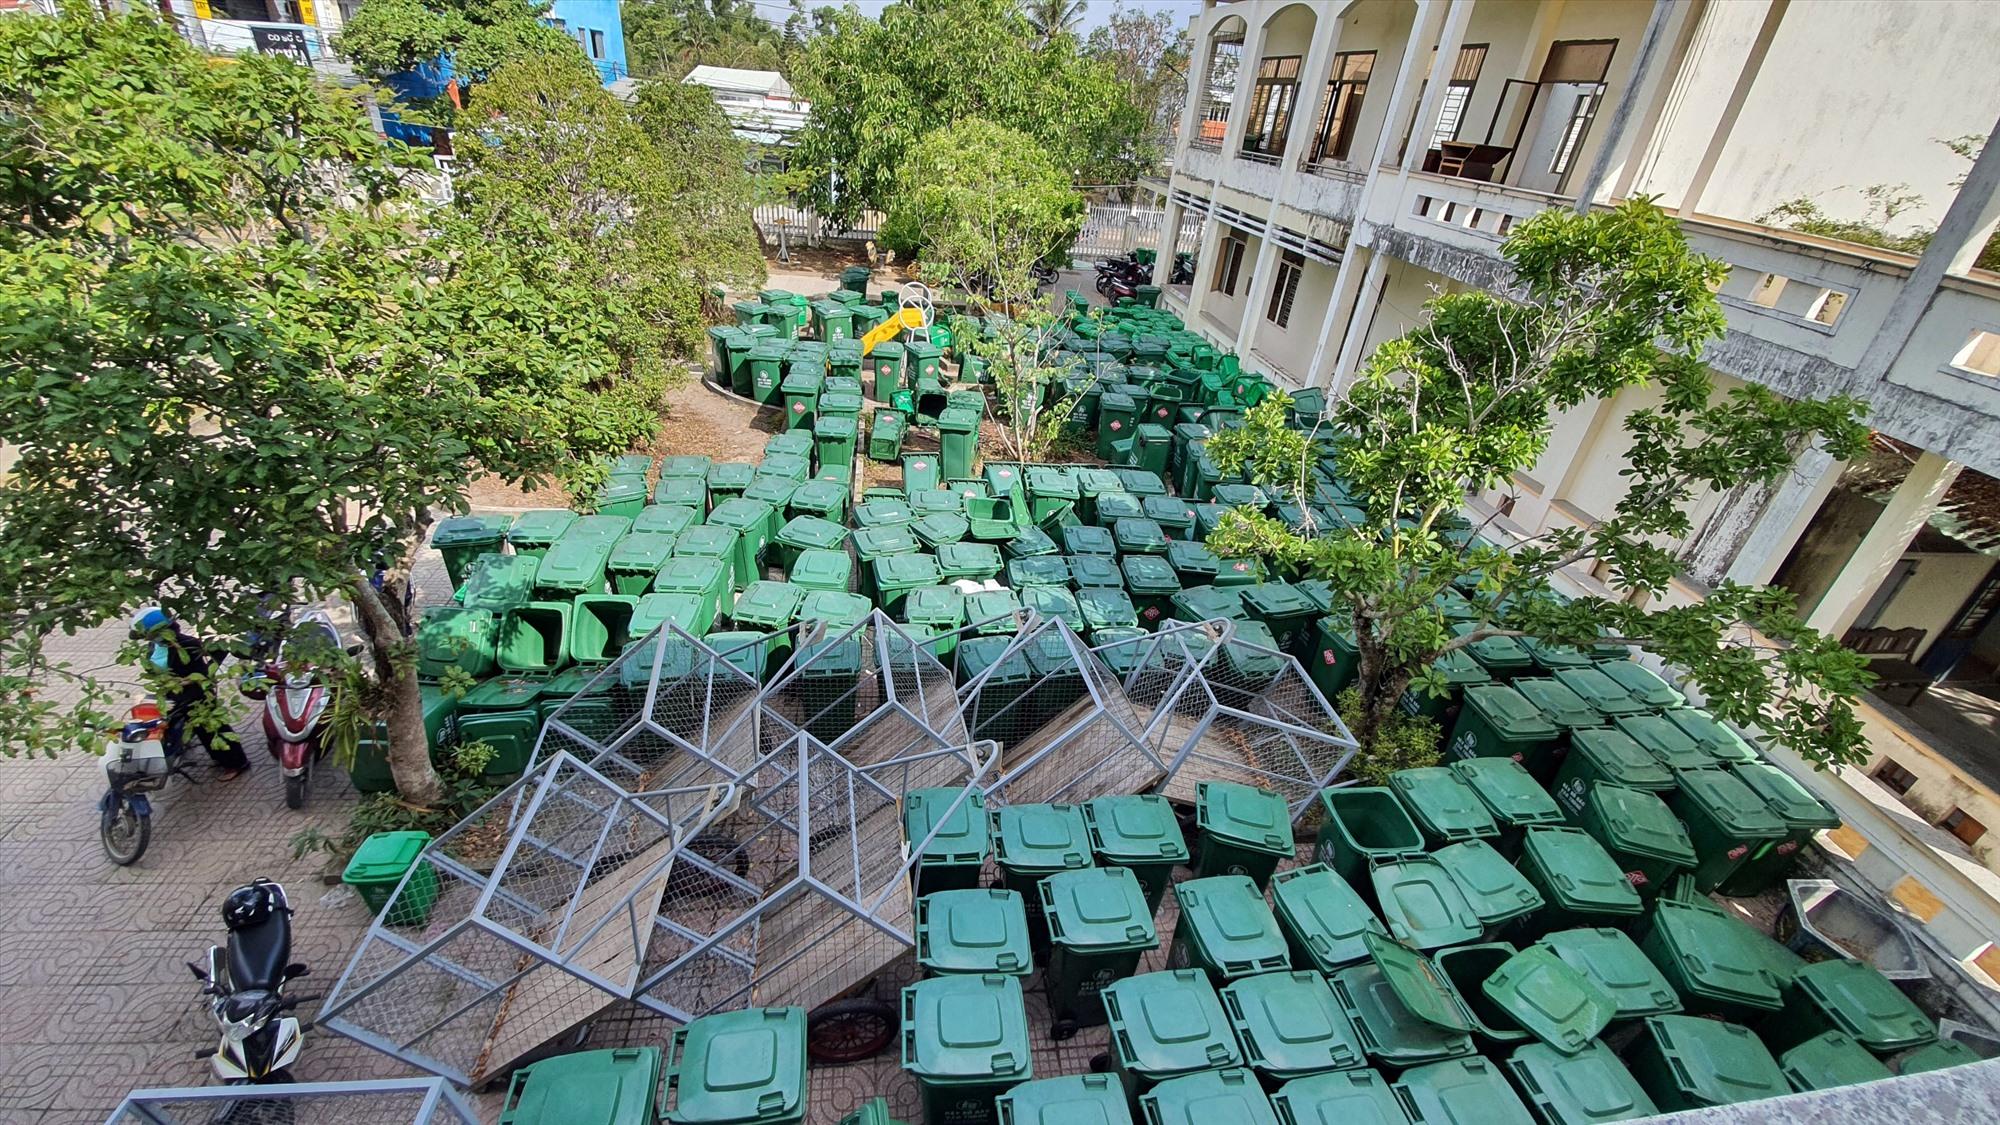 Rất nhiều thùng rác và một số xe thu gom cỡ nhỏ đã được mua sắm song vẫn đang tập kết tại trụ sở UBND xã Tam Hải. Ảnh: G.G